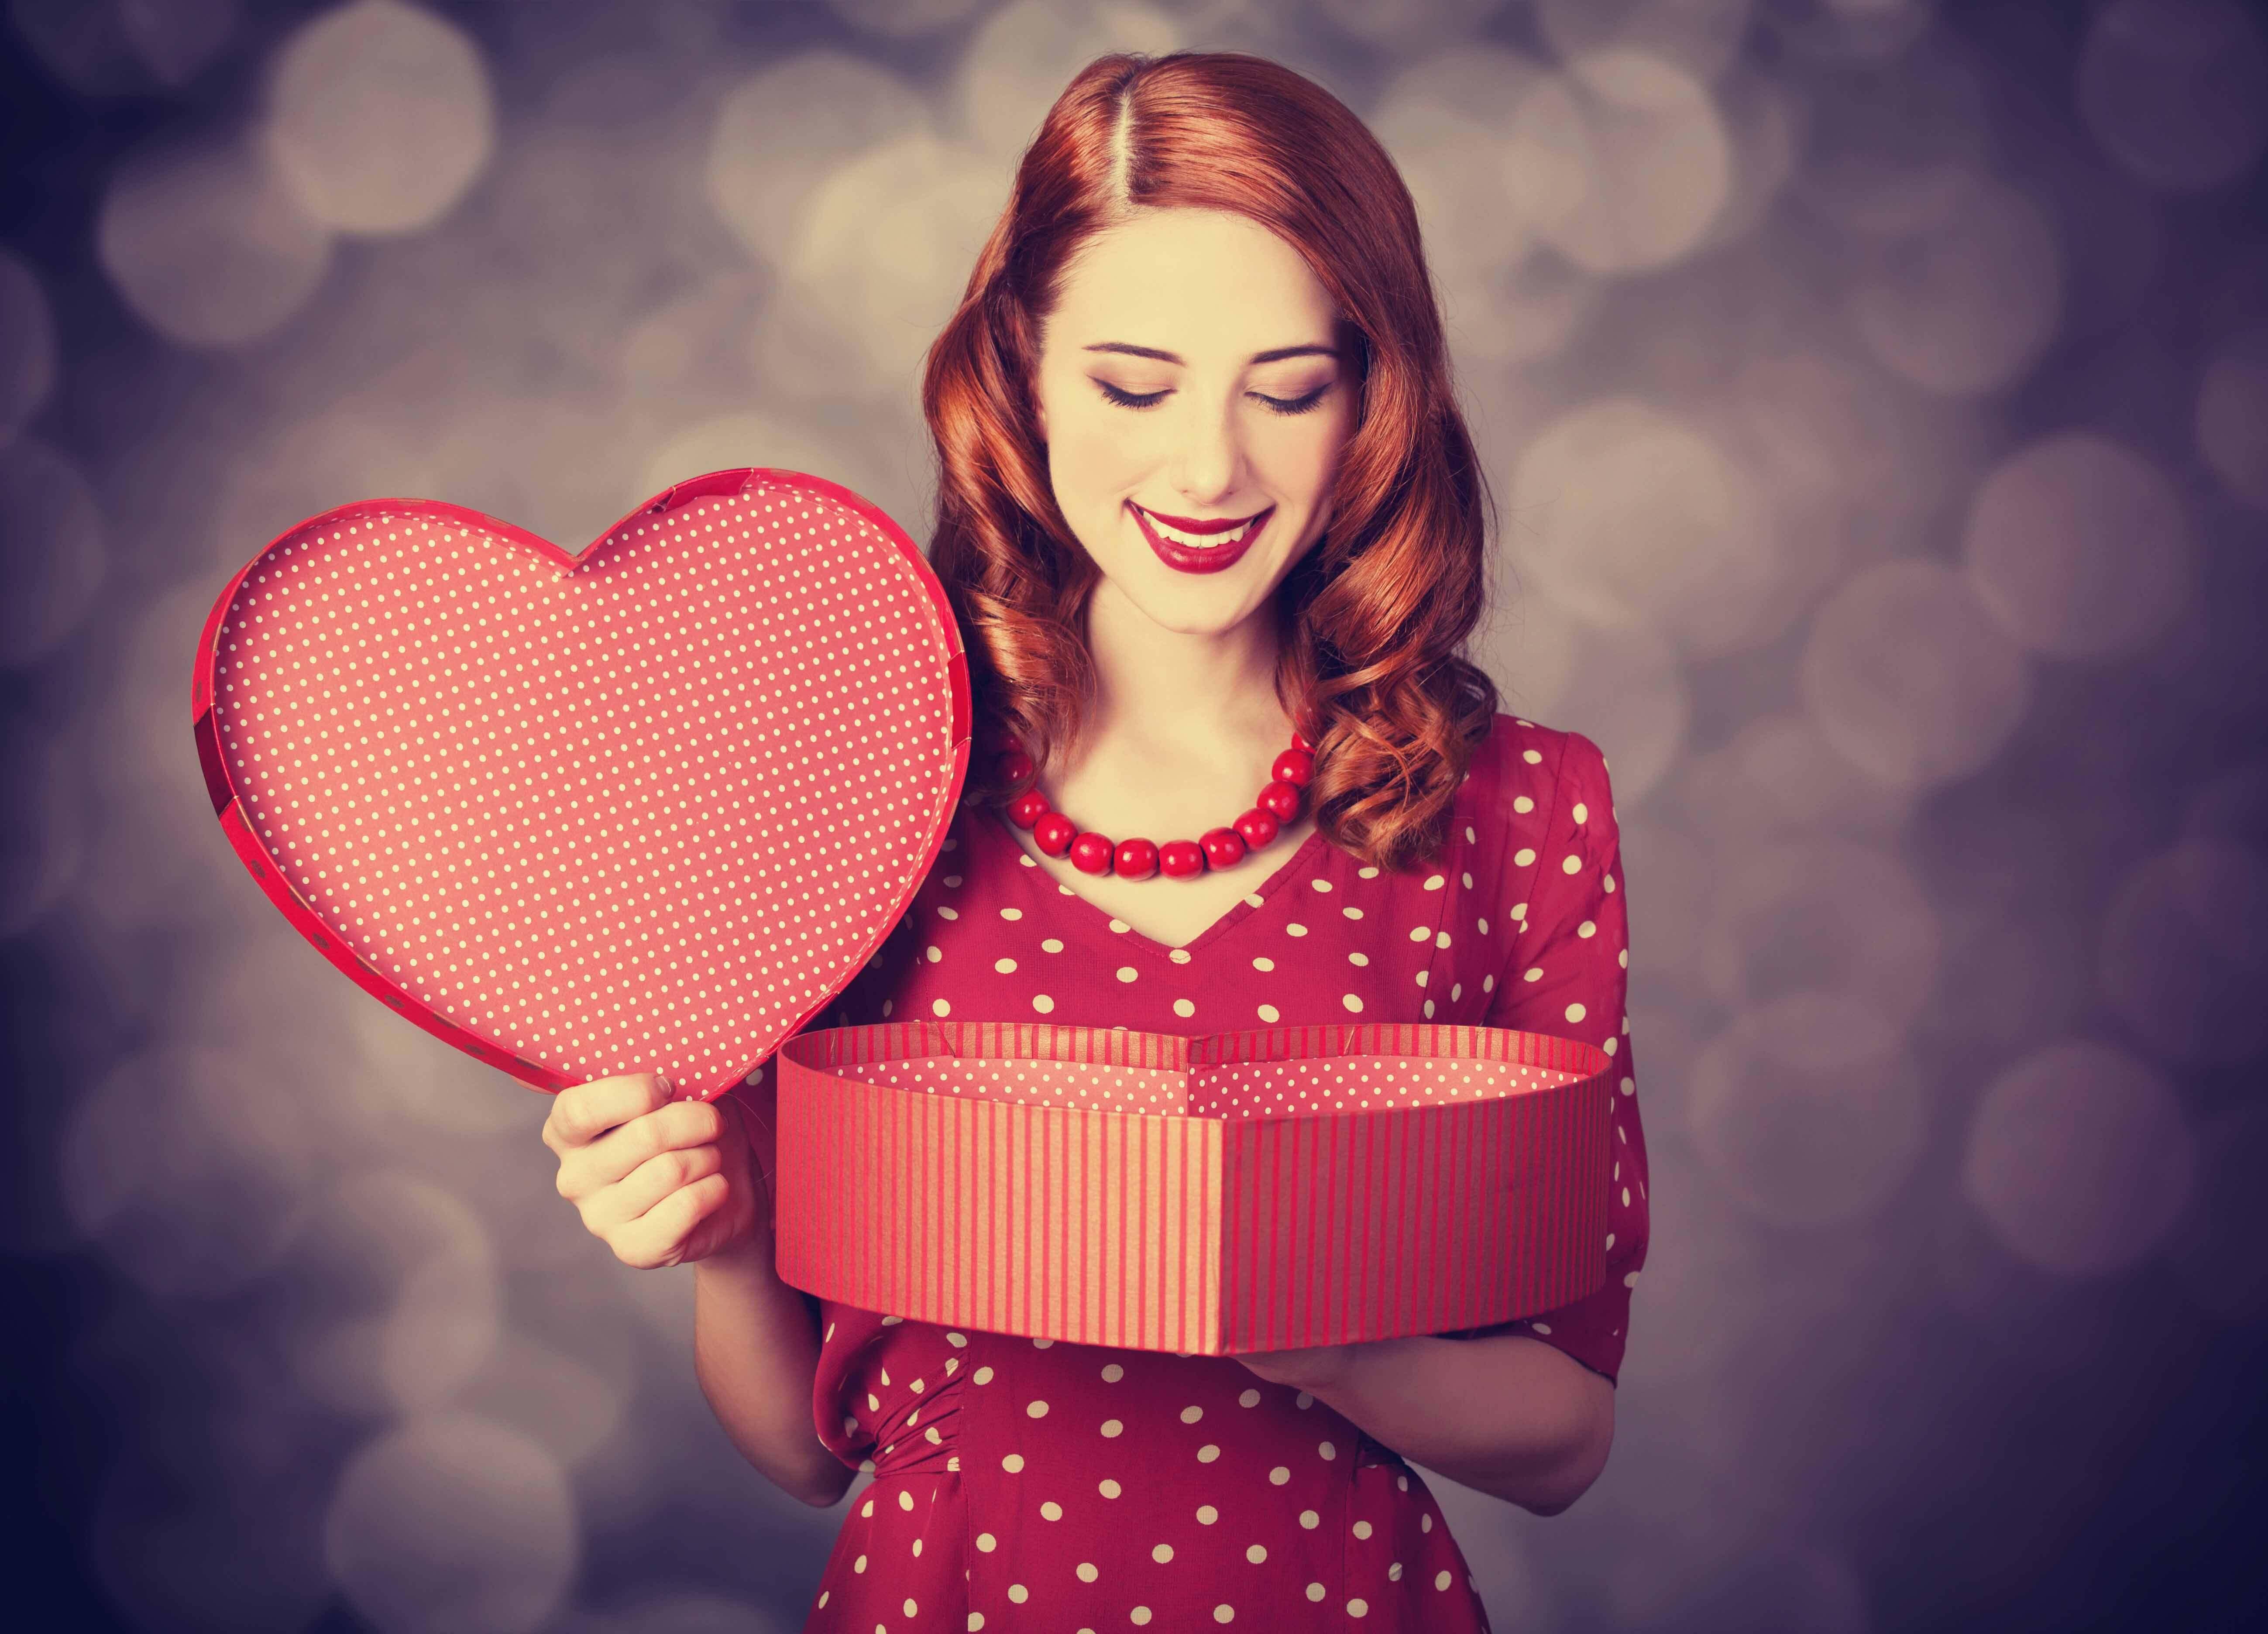 историй виде фотосъемка день валентина крючком черный